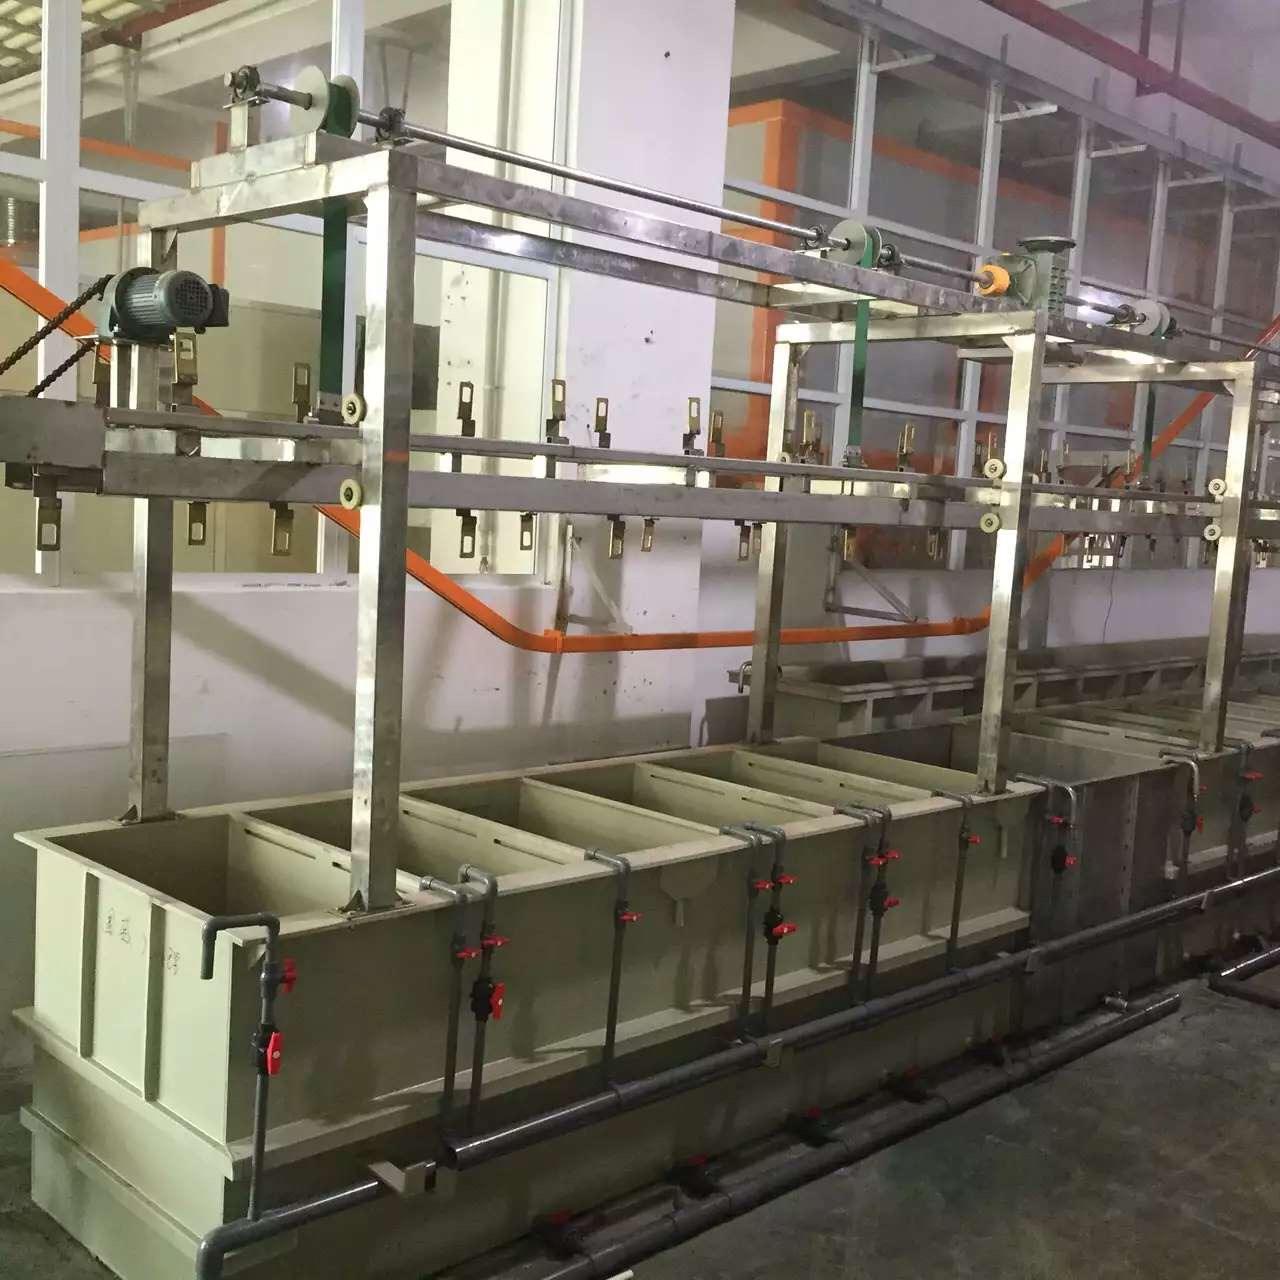 中山火炬开发区拆除整厂设备广东回收公司